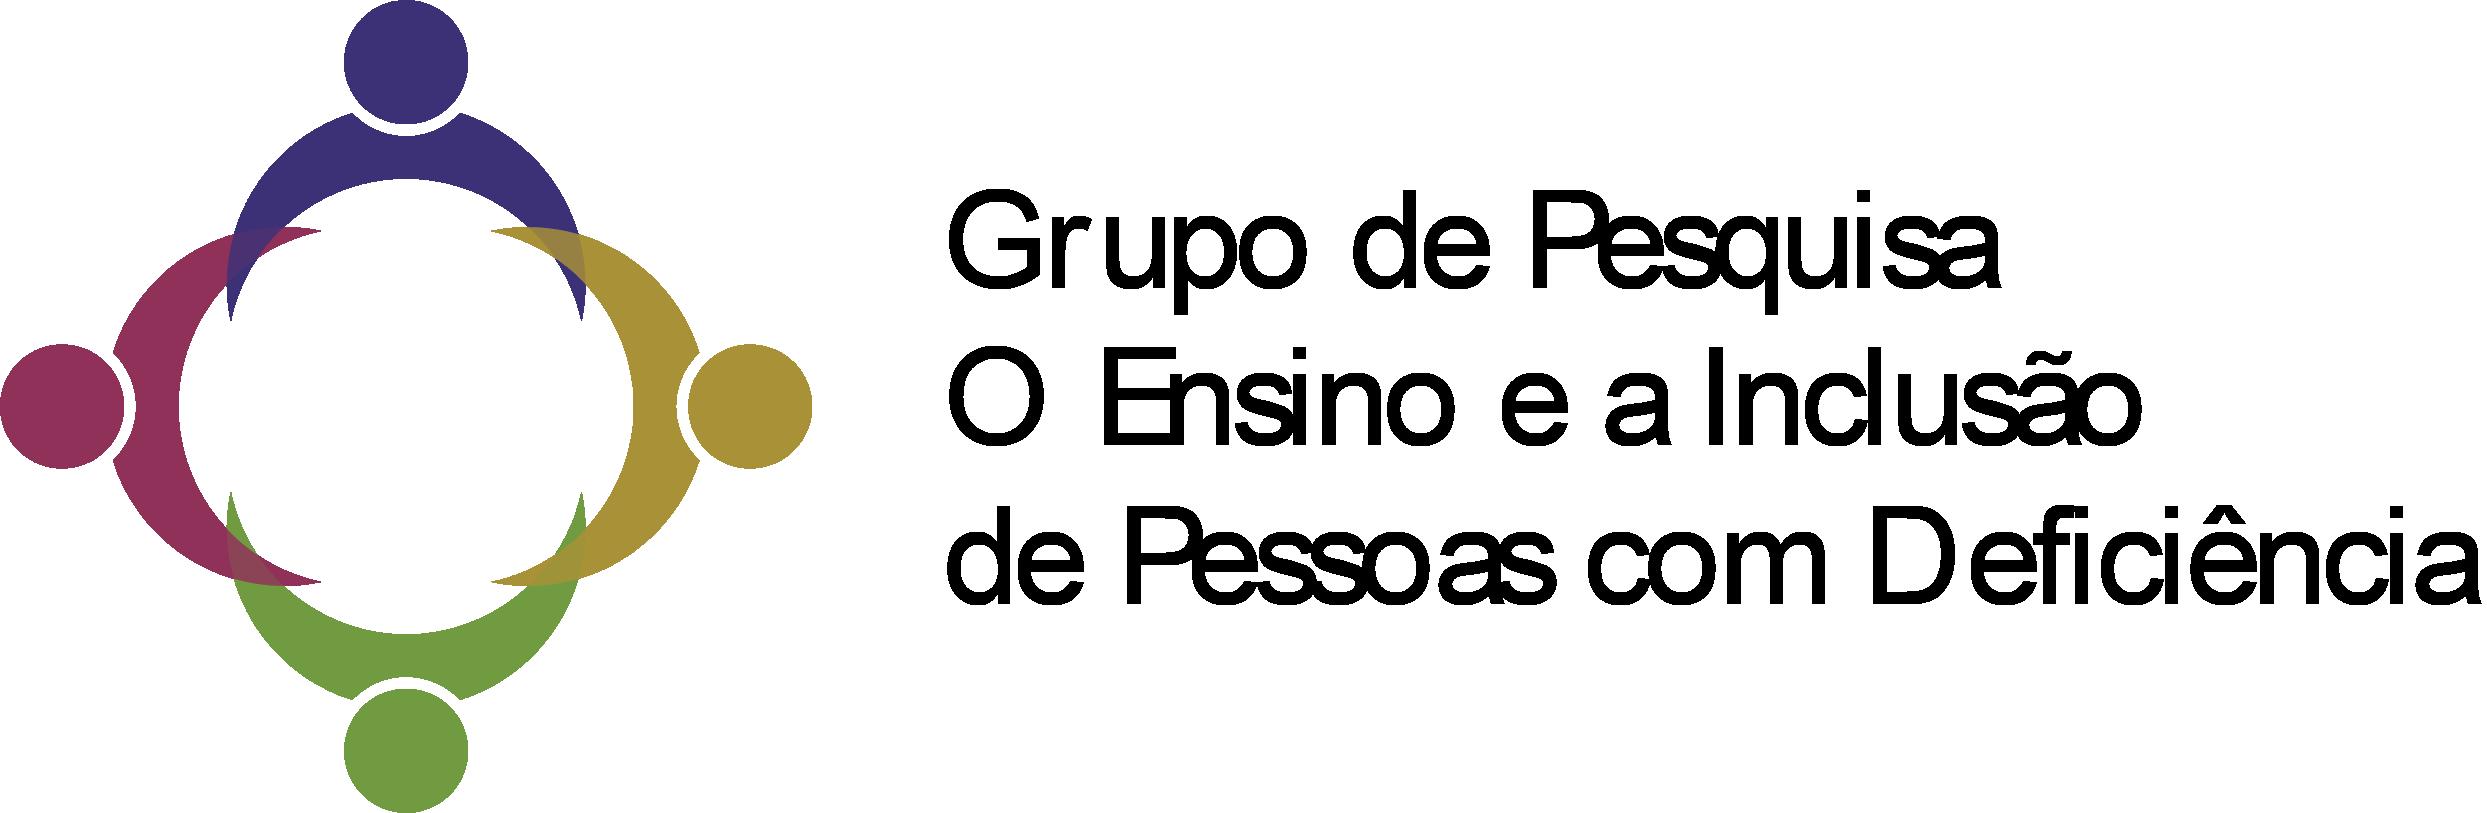 Logotipo do grupo de pesquisa